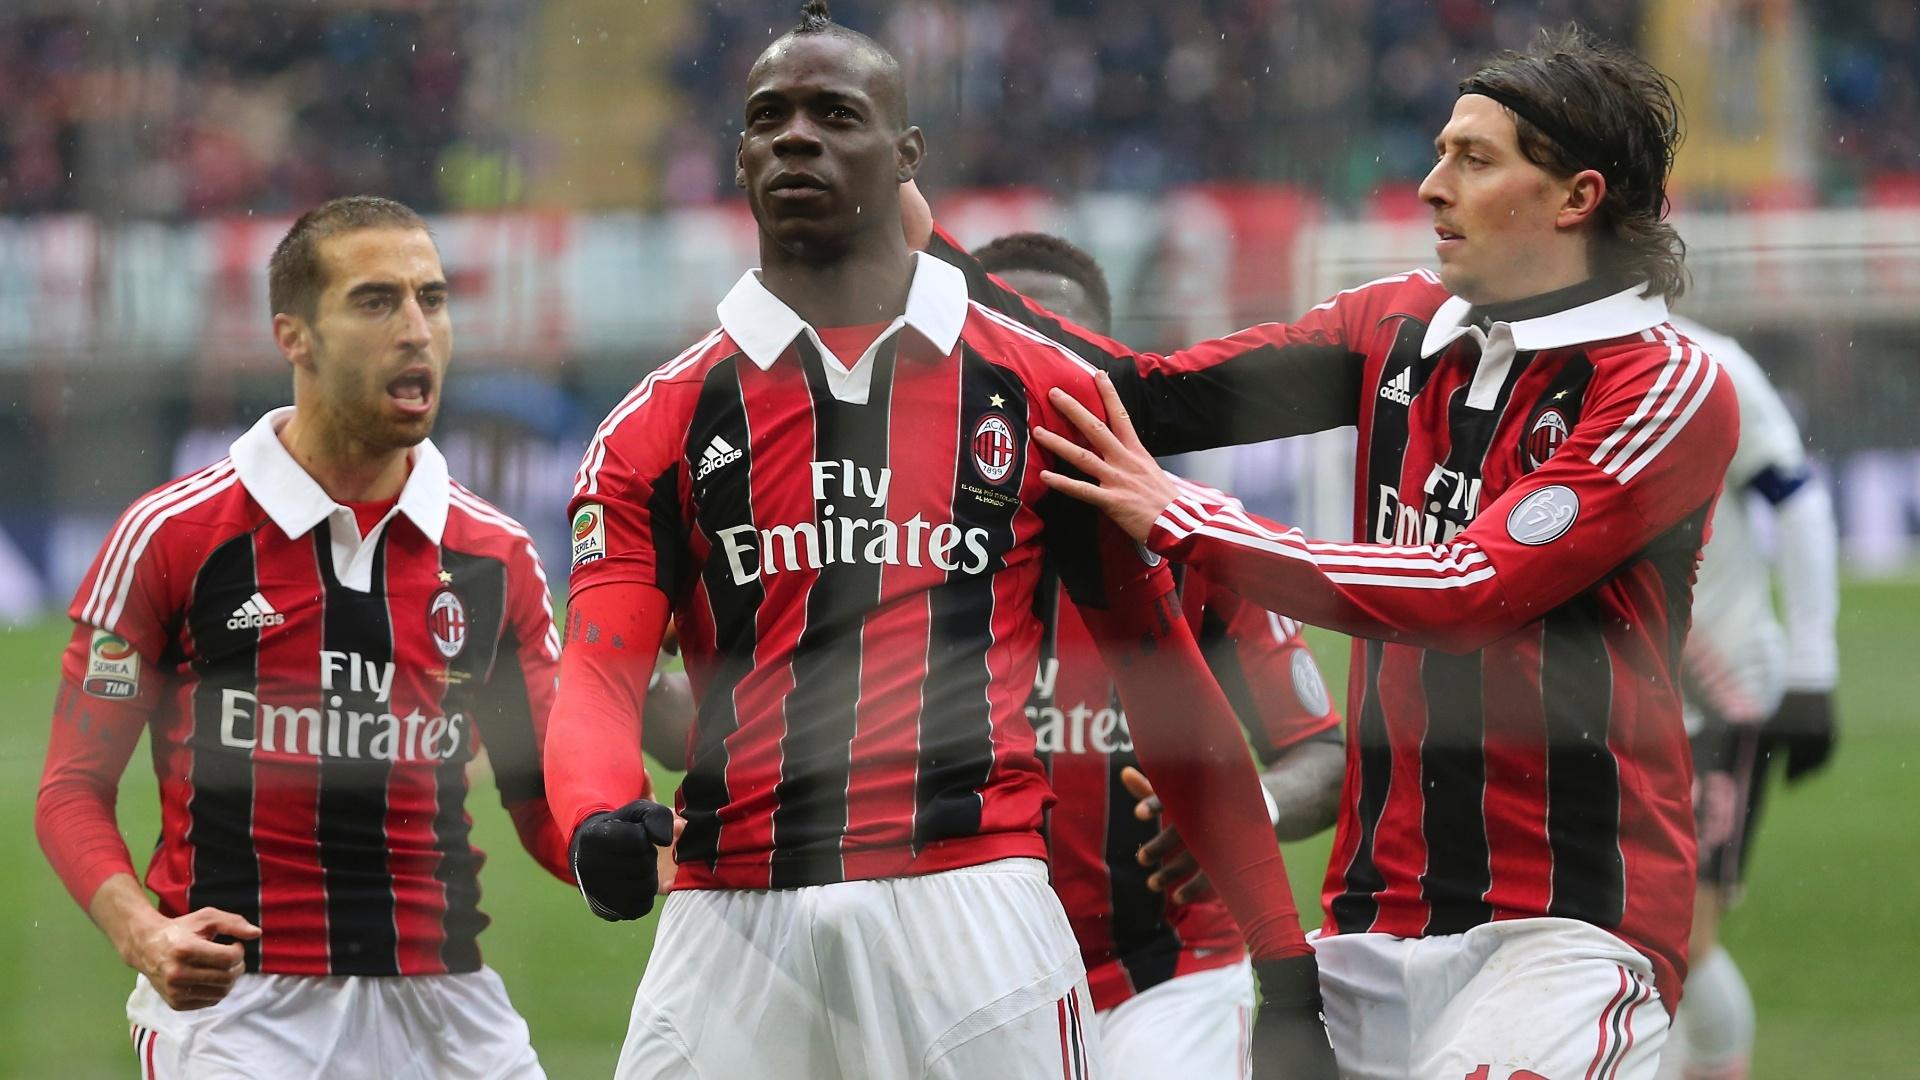 No segundo tempo, Balotelli aproveitou rebote do goleiro do Palermo e ampliou a vitória do Milan para 2 a 0